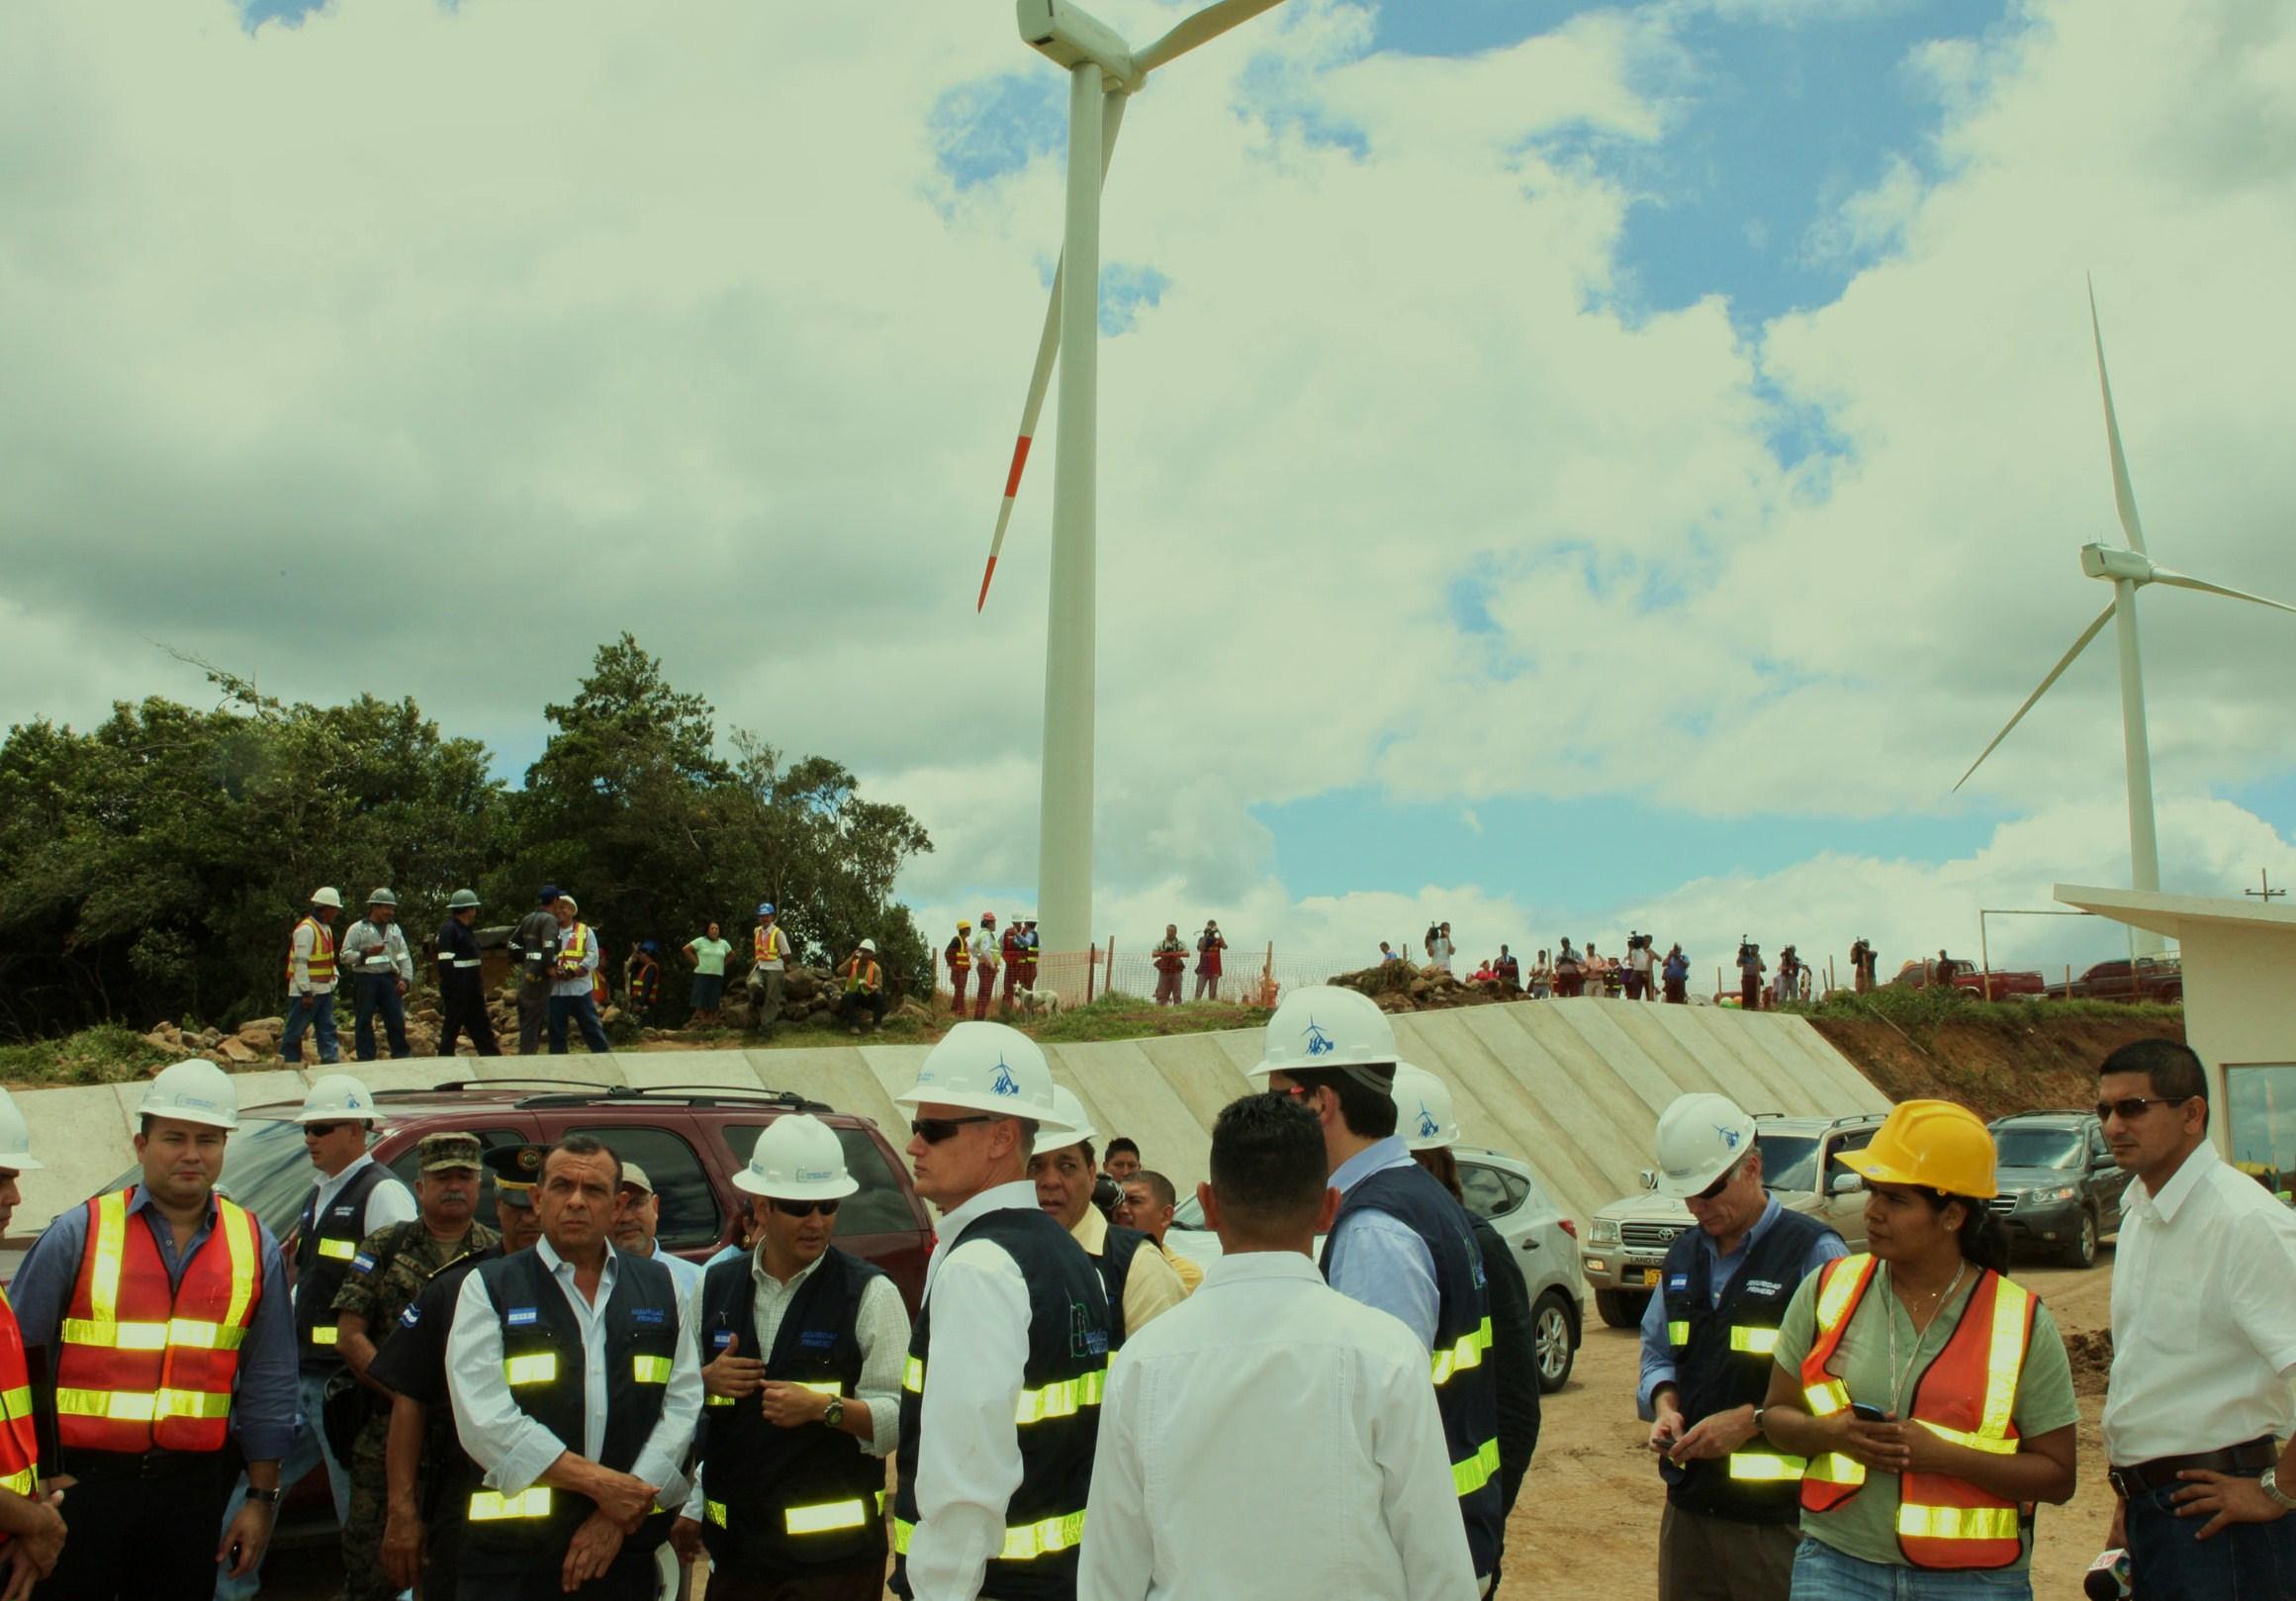 Energías renovables y eólica: Amplían parque eólico en Honduras con aerogeneradores de Gamesa